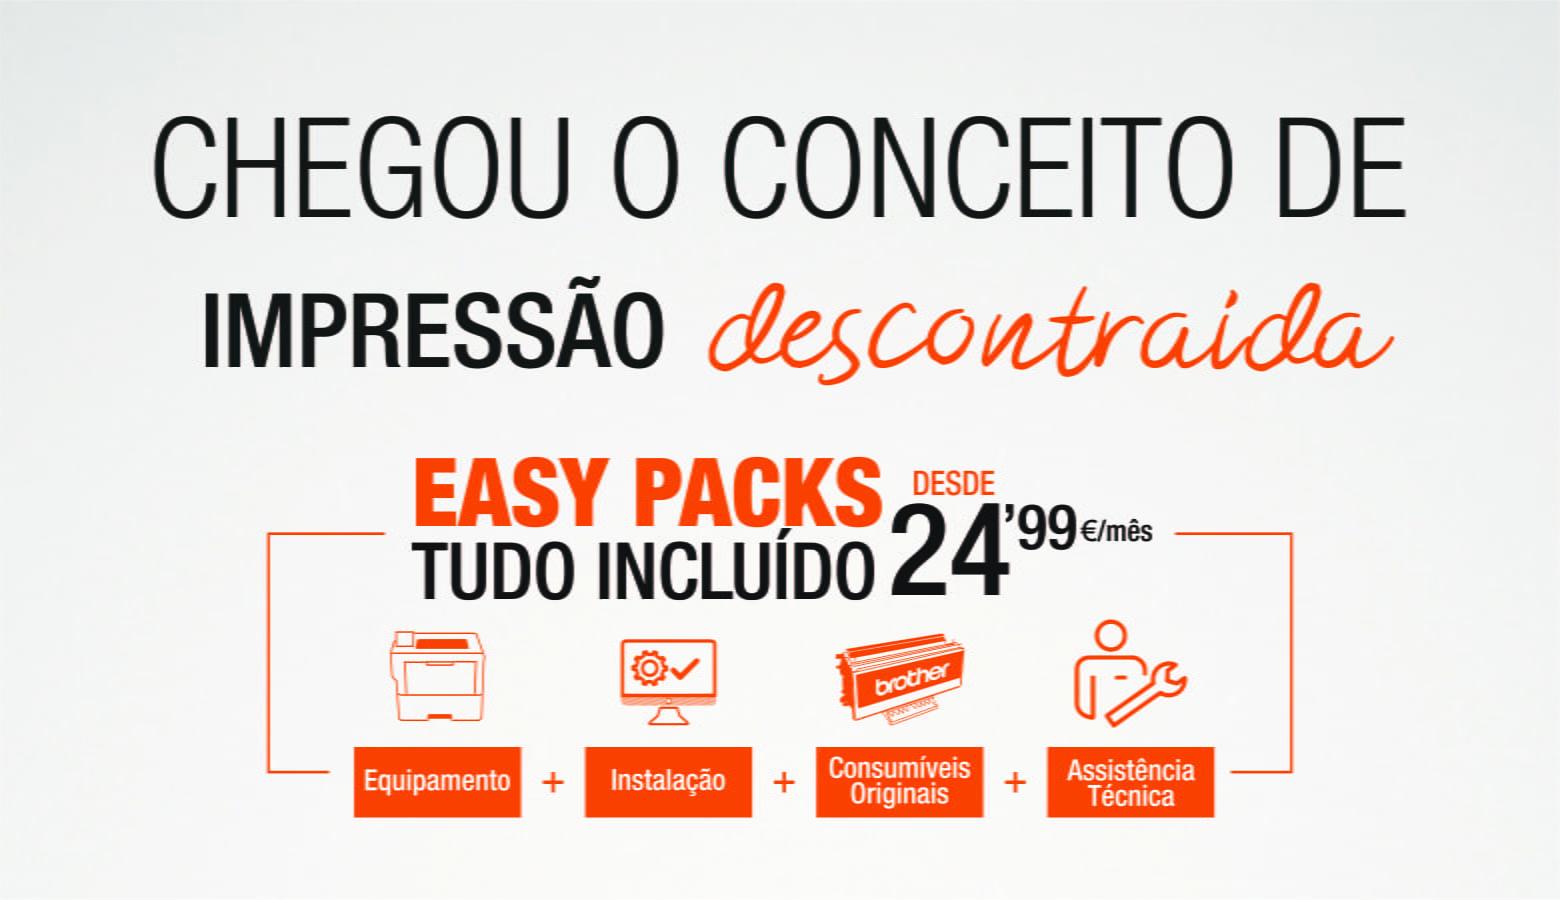 Chega o conceito de impressão descontraida. Easy Packs desde 24,99€